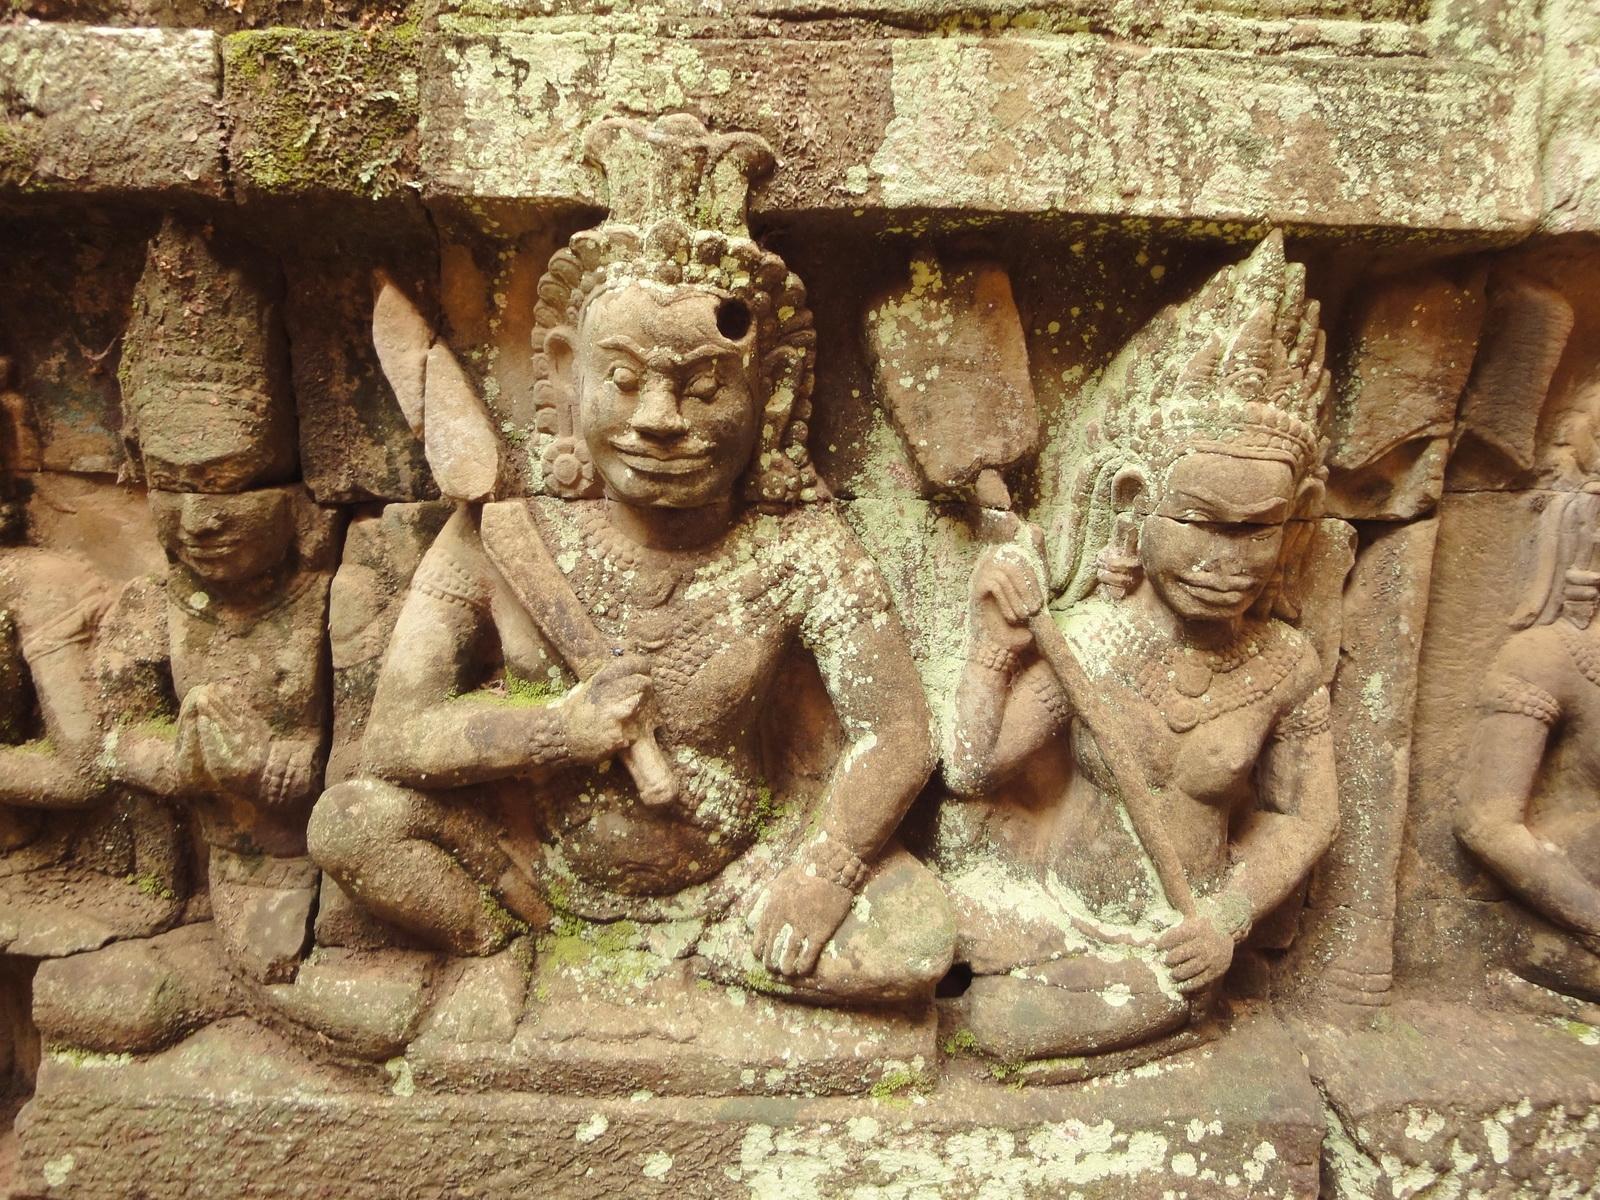 Leper King Terrace hidden wall underworld Nagas and deities 125